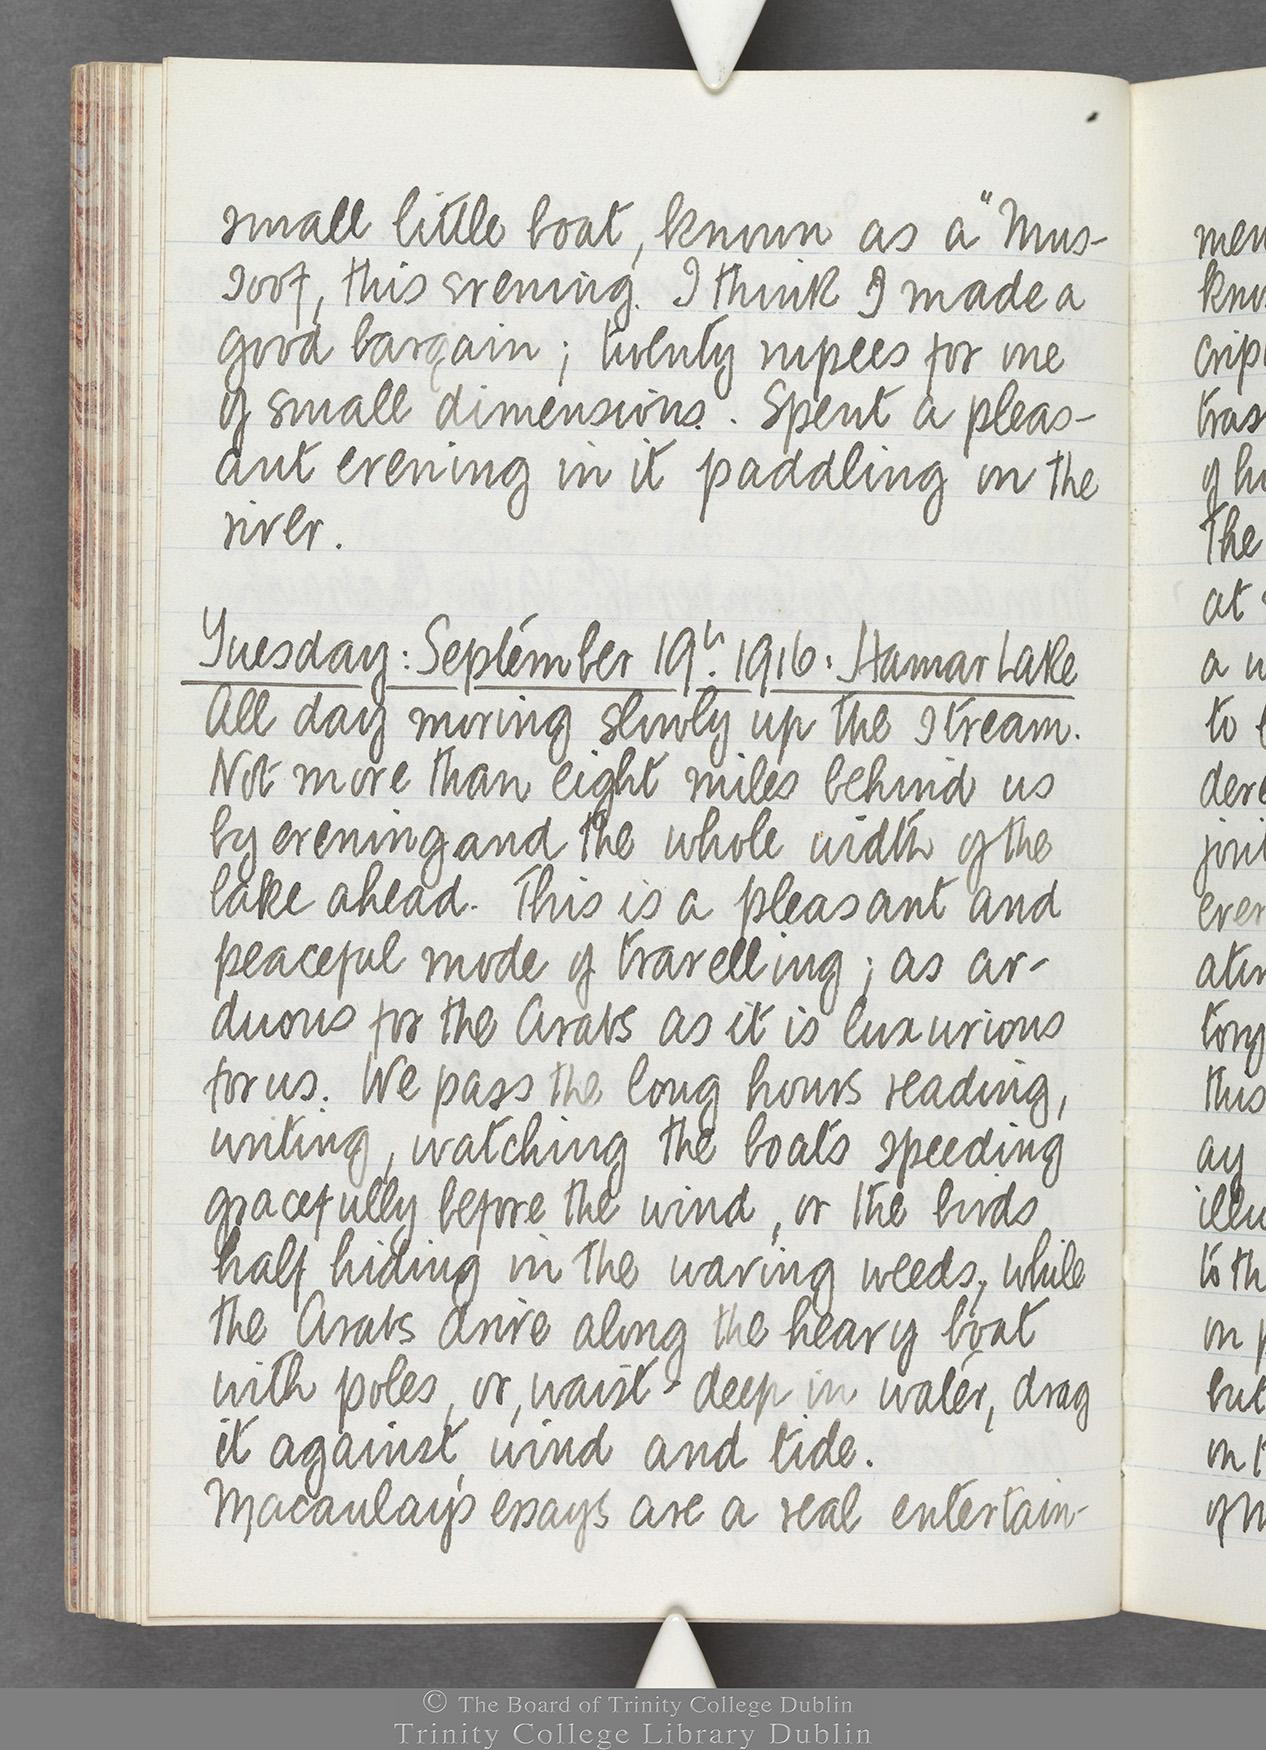 TCD MS 10516 folio 47 verso